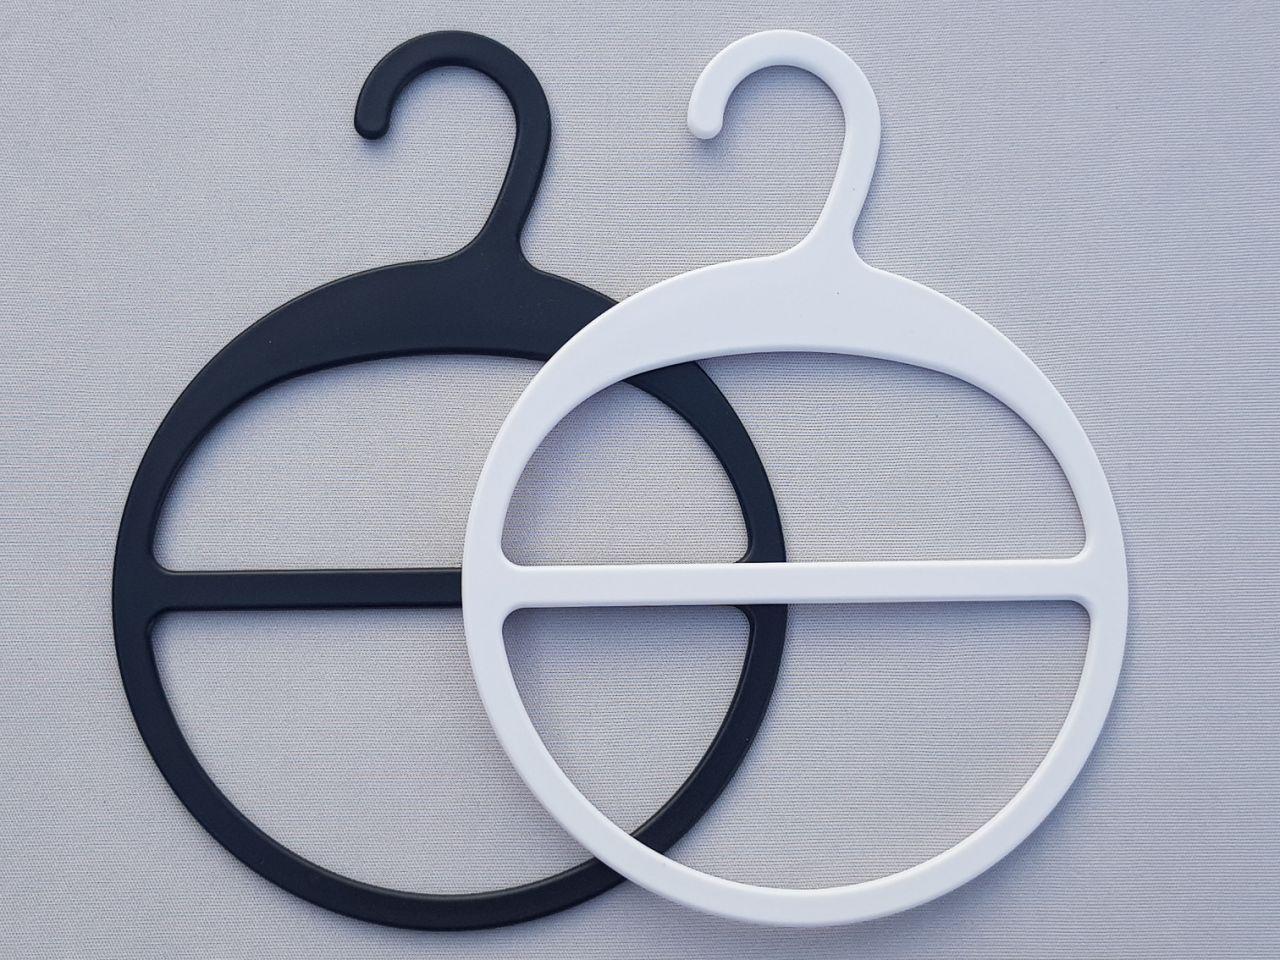 Плечики вешалки пластмассовые V-AS13  для аксессуаров в двух цветах